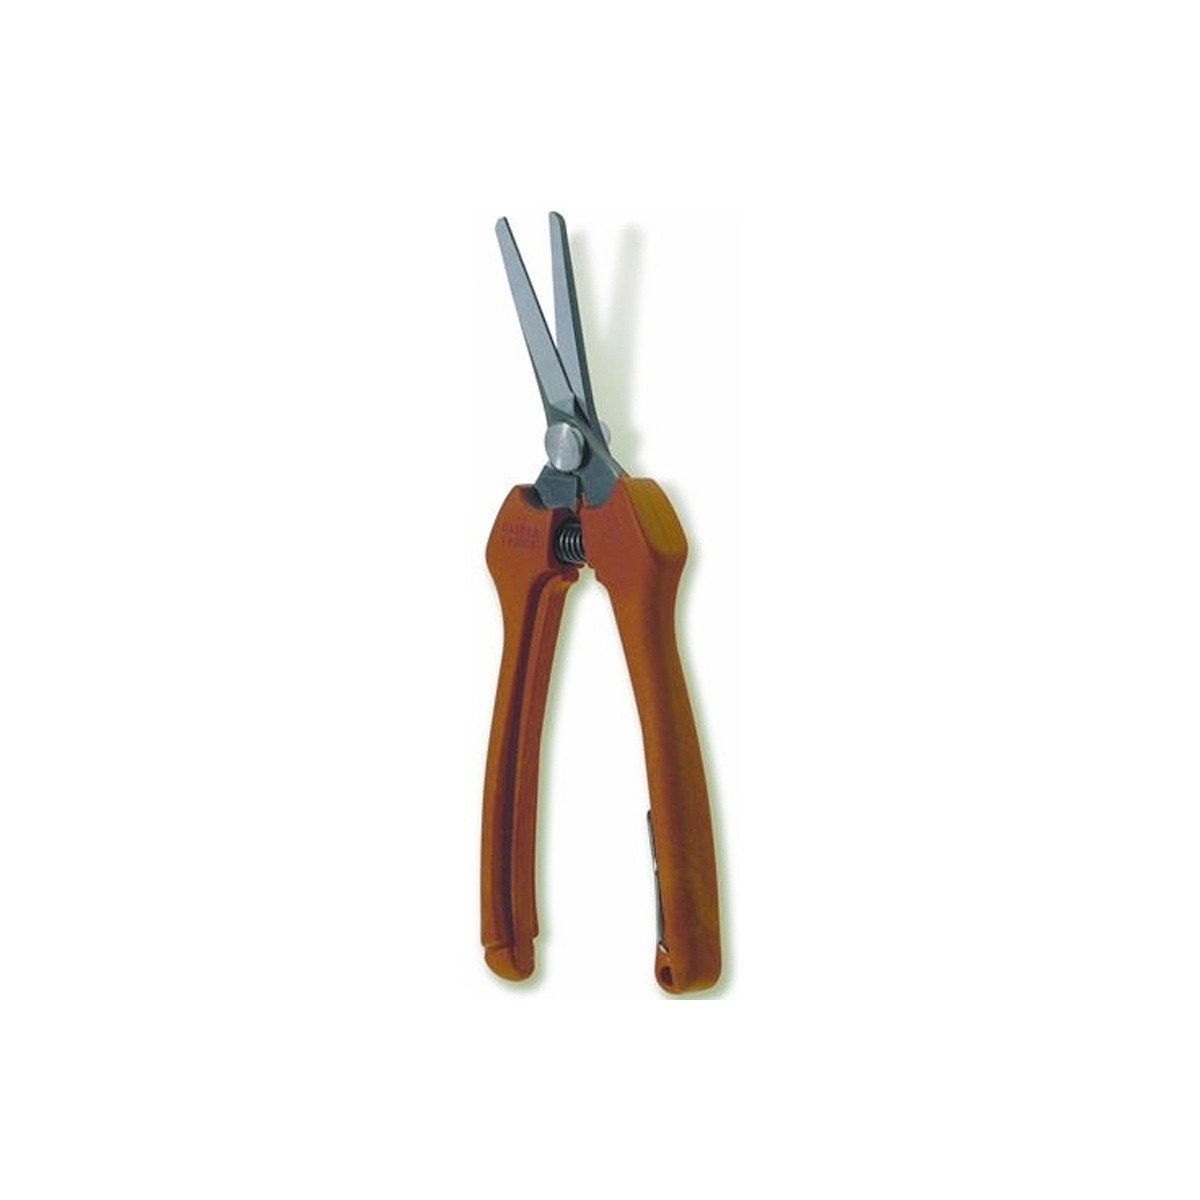 Bahco tijera de recoleccion 6 mm p129-19bulk30